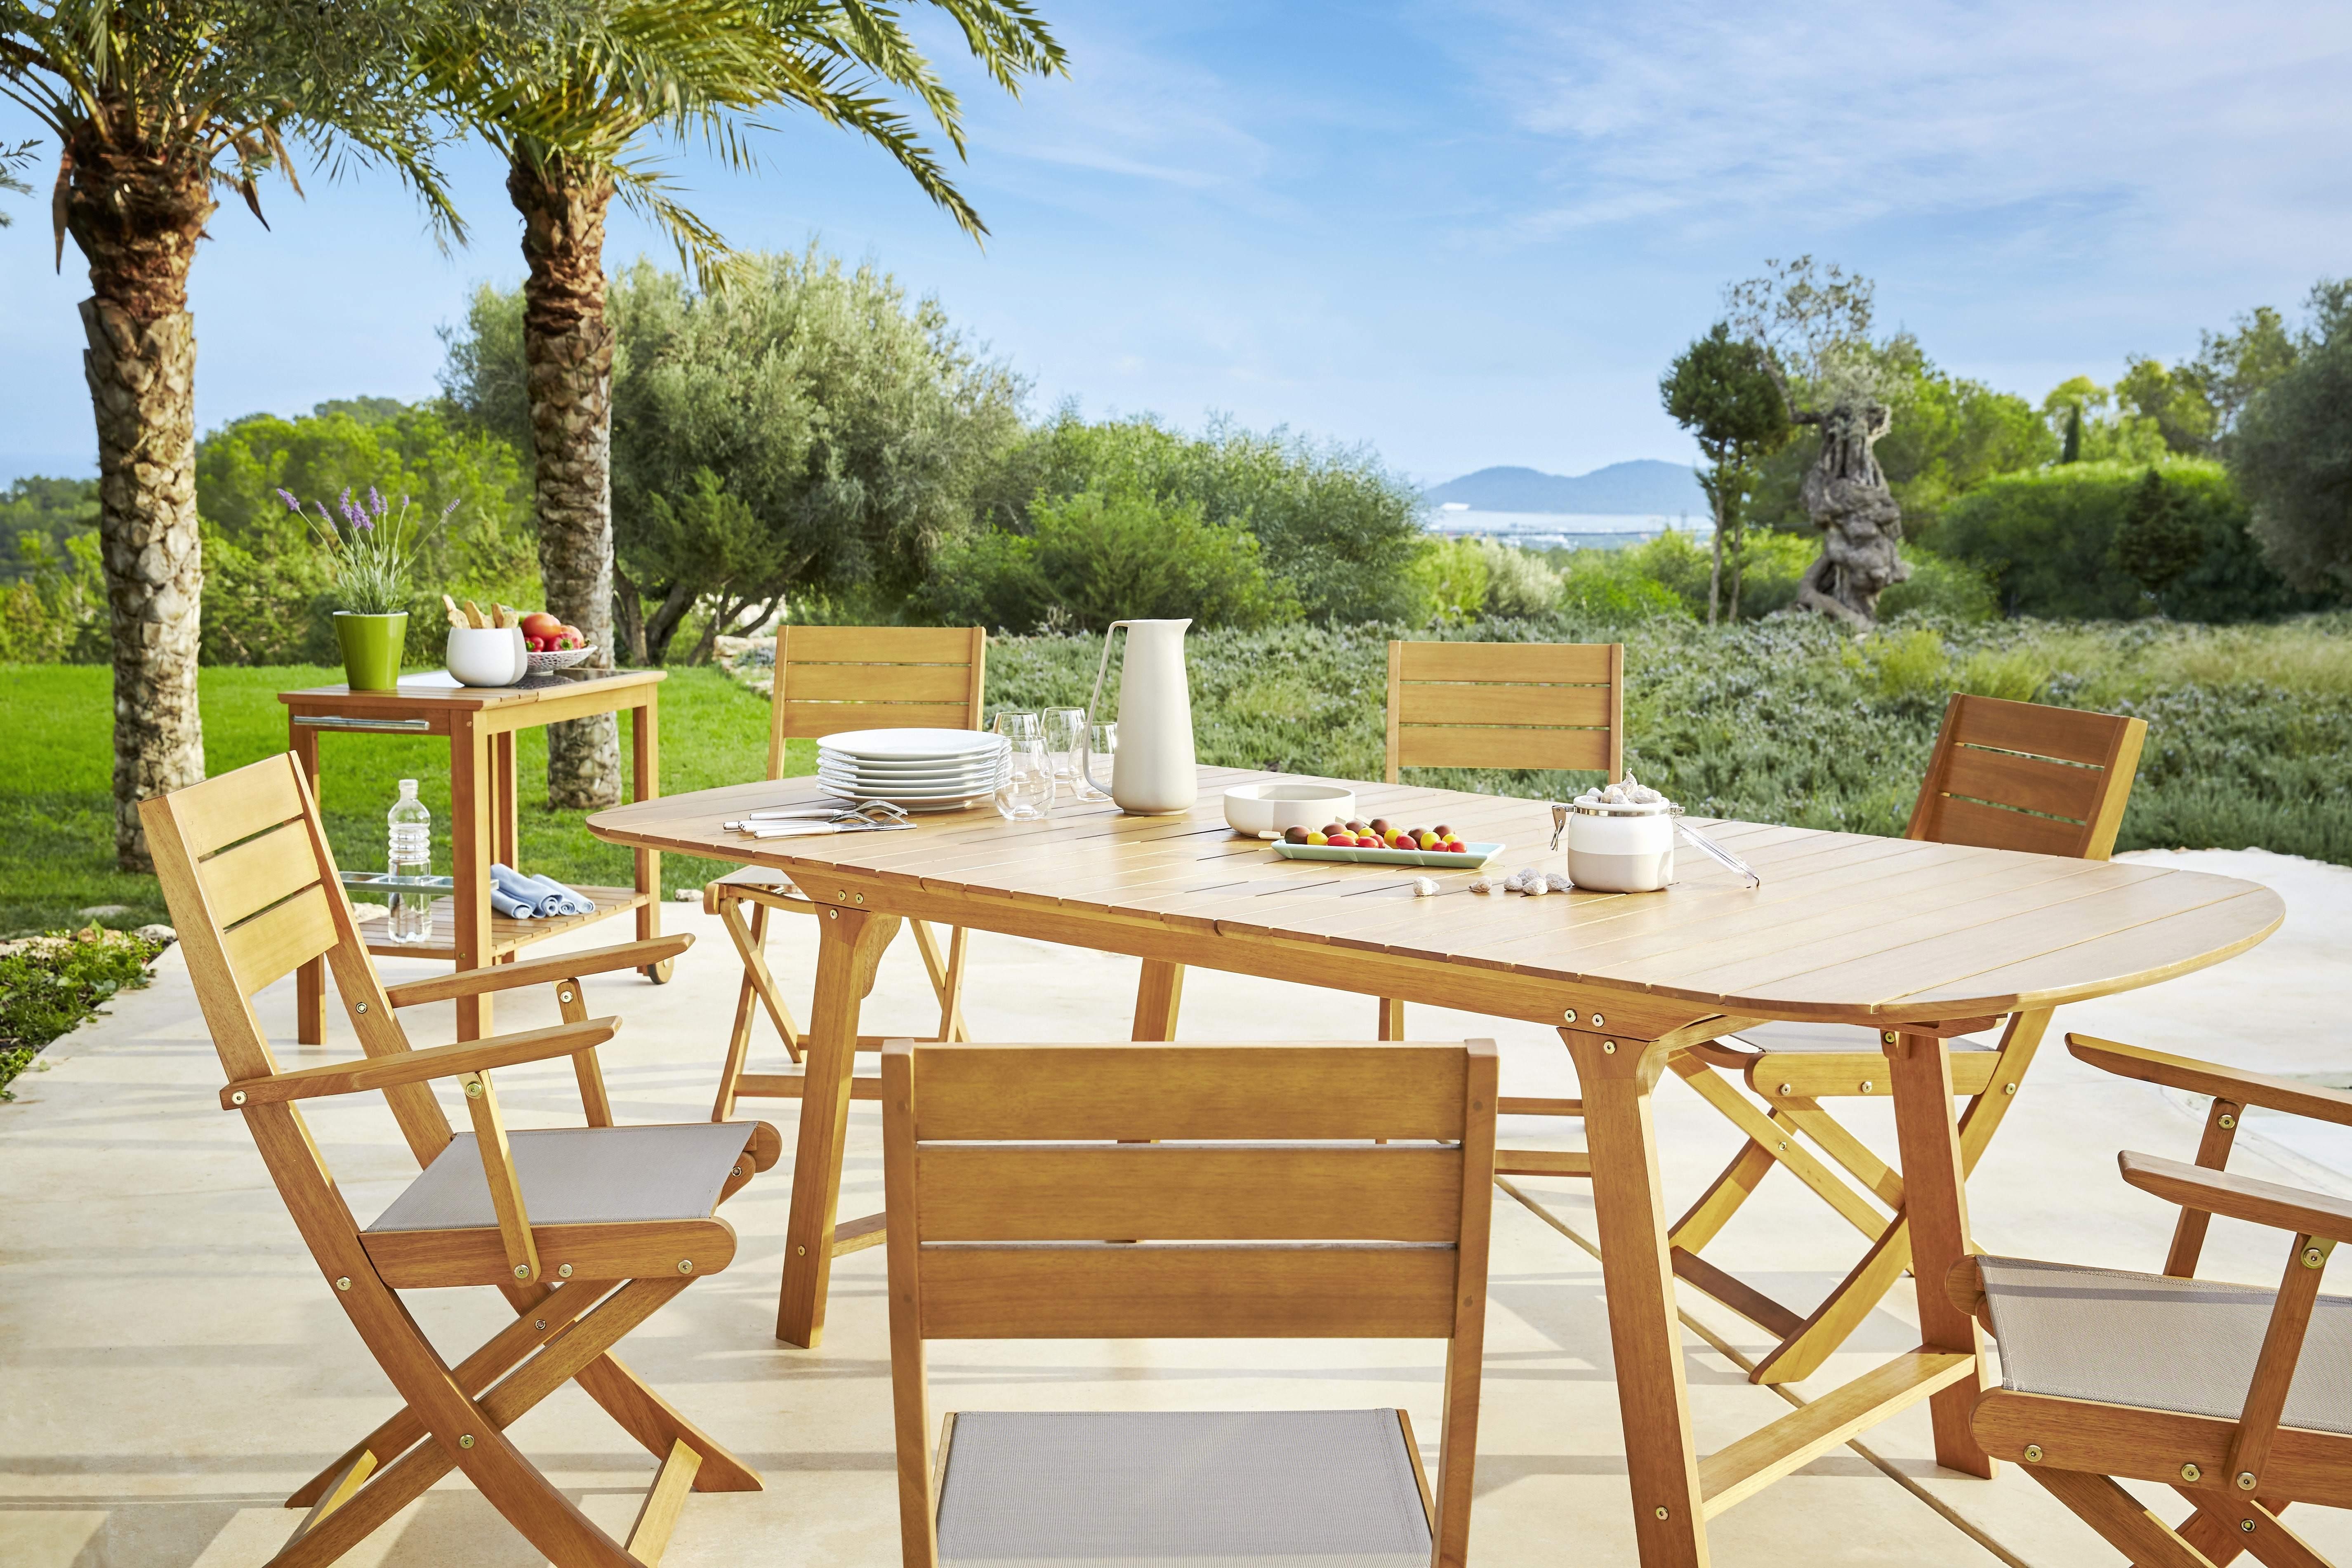 Abri De Jardin Carrefour Luxe Photos Table Pliable Carrefour